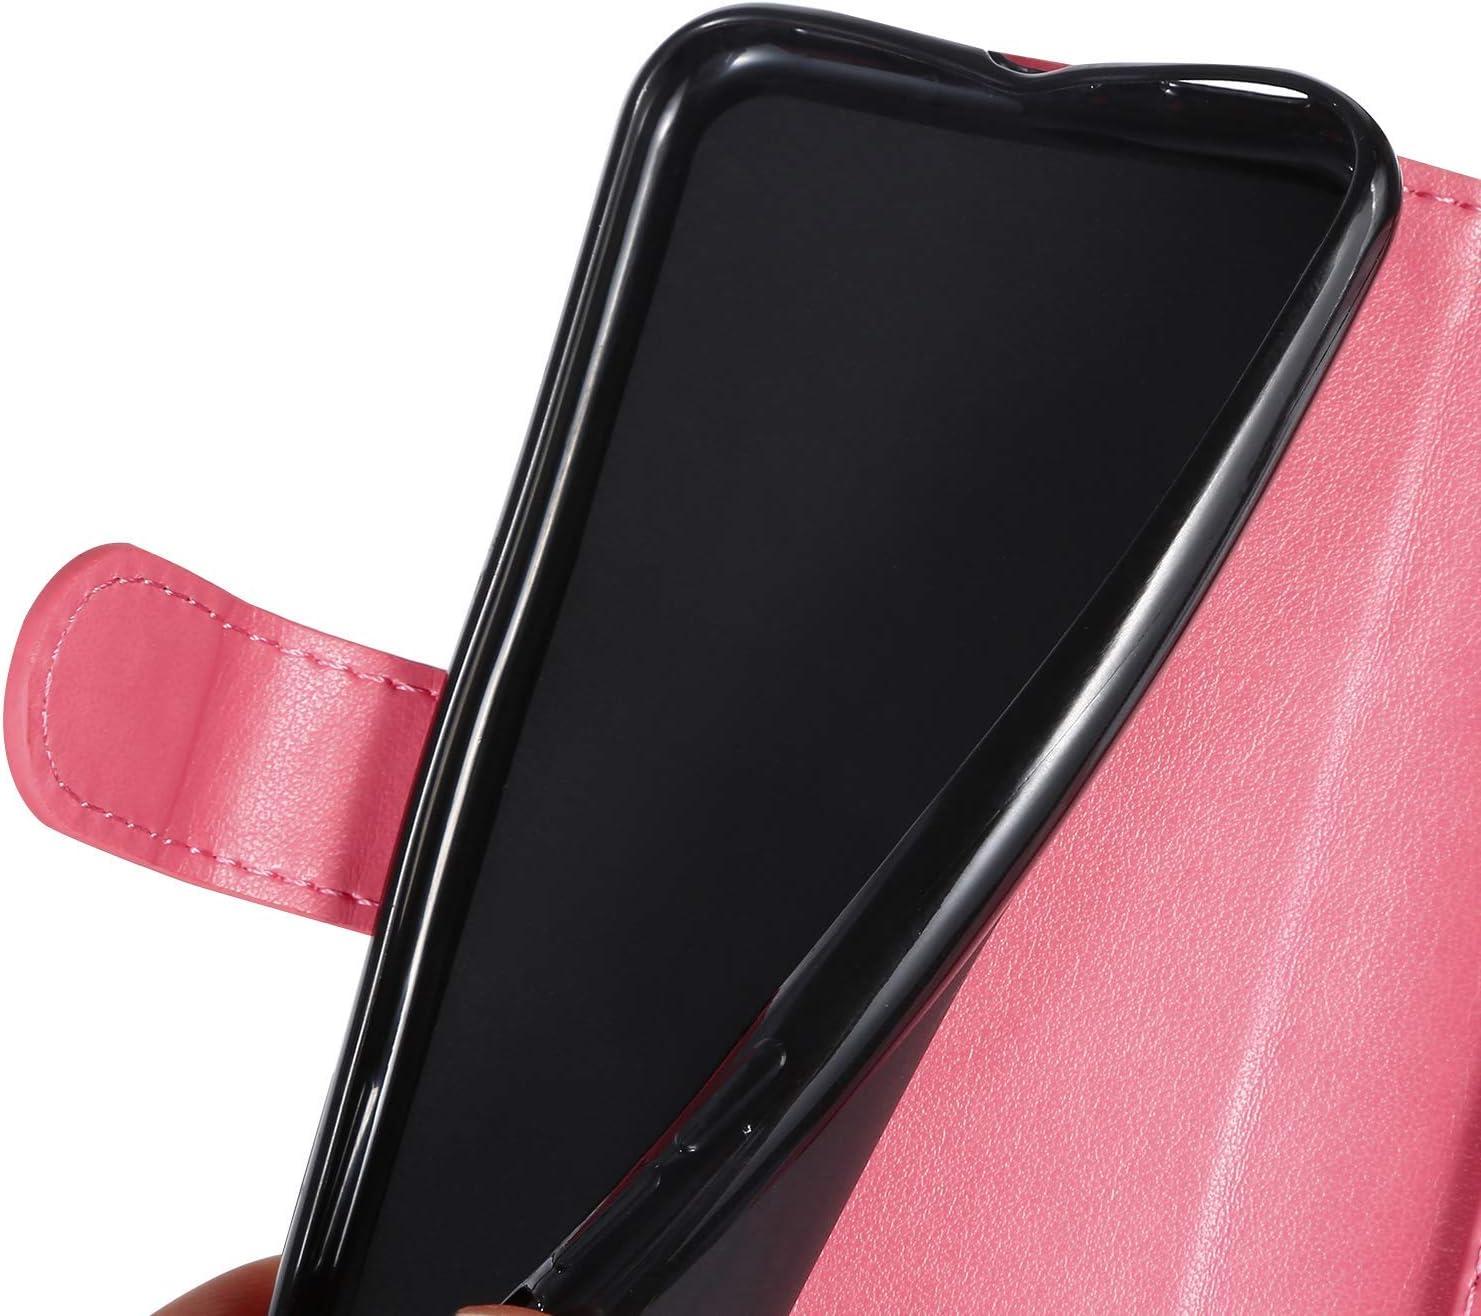 Saceebe Compatible avec iPhone 7 iPhone 8 4.7 Coque Portefeuille /Étui Housse Cuir Rabat Flip Case Papillon C/œur Ours Motif Livre Wallet Coque de Protection Clapet Folio /Étui Anti Choc,Rose